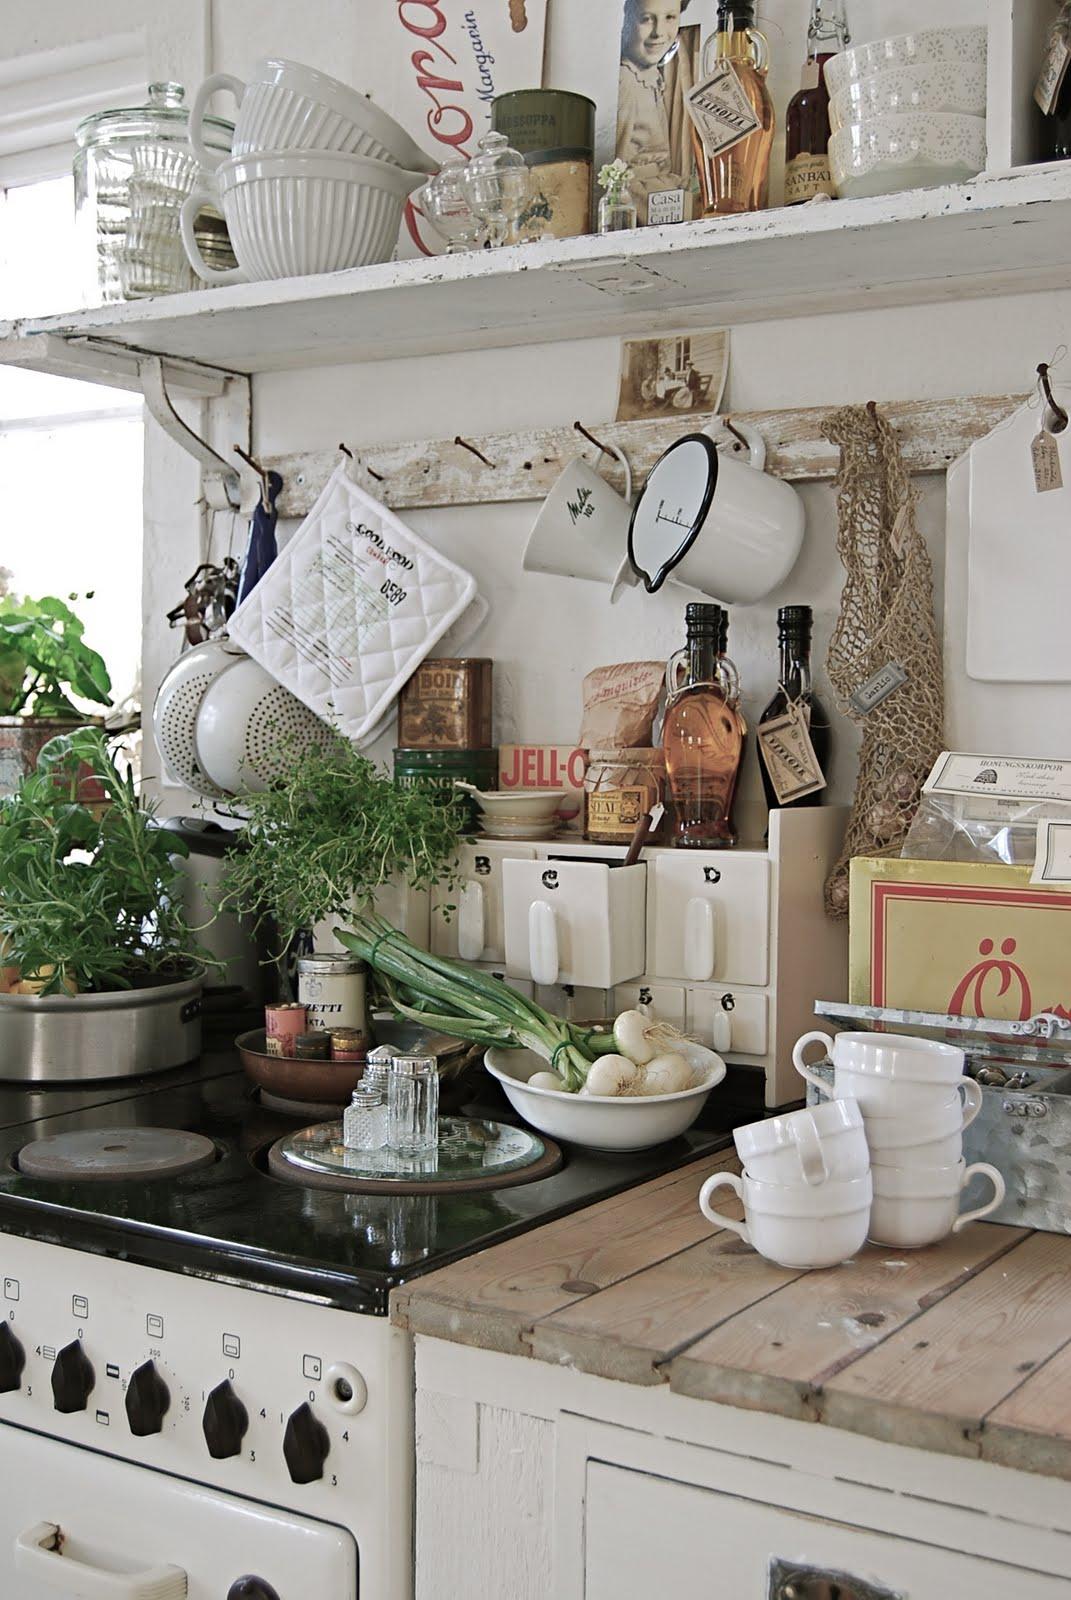 Hv tur lakkr s v lkomna till min butik mor g stas for What is my kitchen style